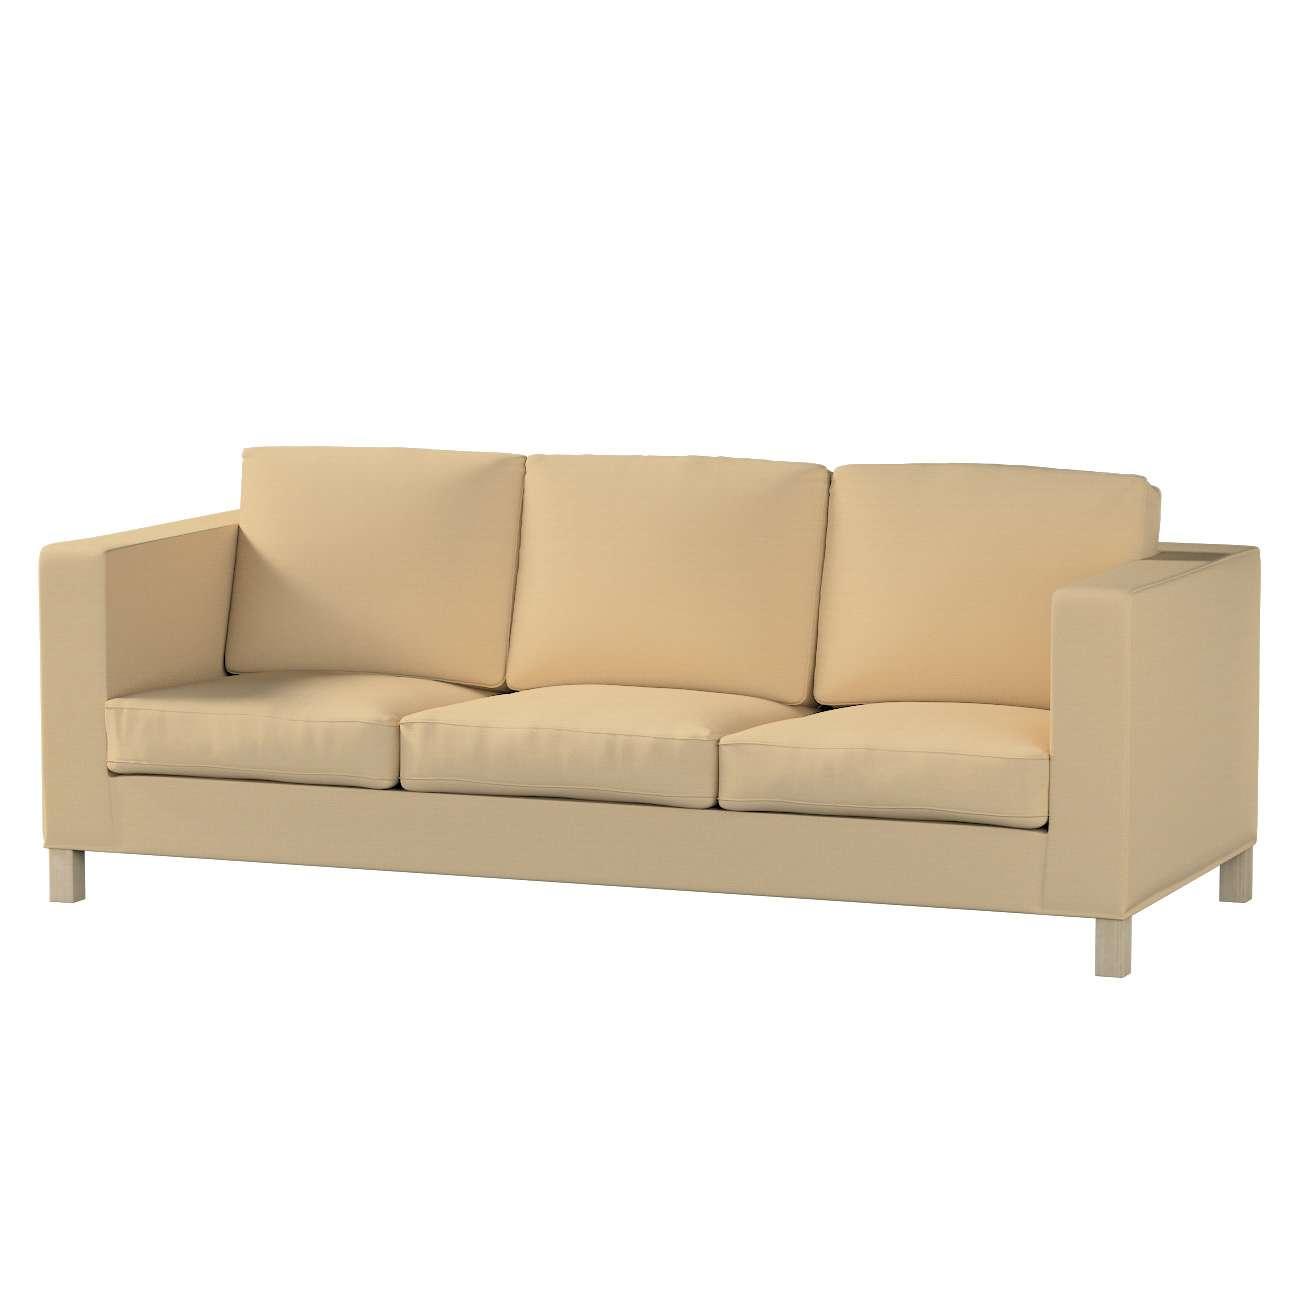 Karlanda 3-Sitzer Sofabezug nicht ausklappbar kurz Karlanda 3-Sitzer, kurz von der Kollektion Cotton Panama, Stoff: 702-01